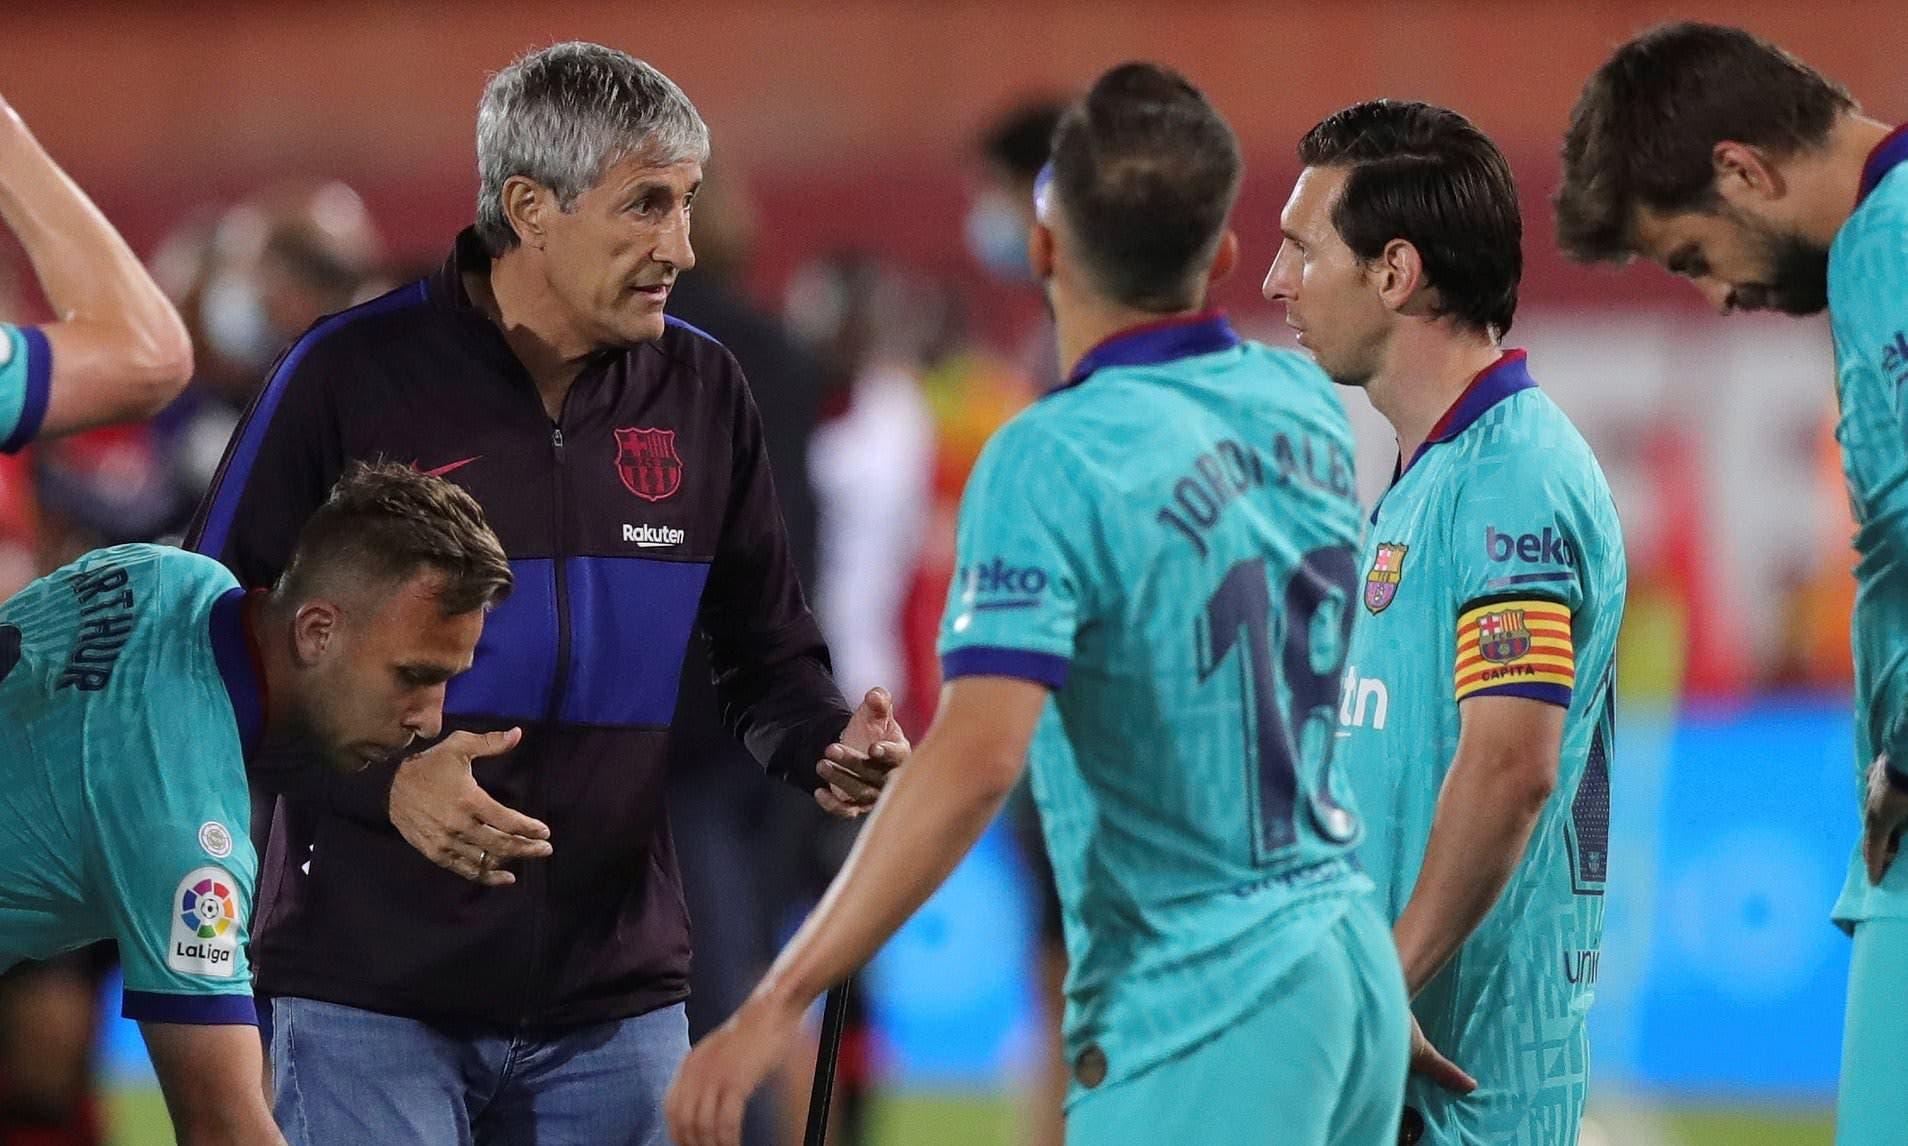 سيتيين في حديث مع ميسي خلال مباراة سابقة لبرشلونة